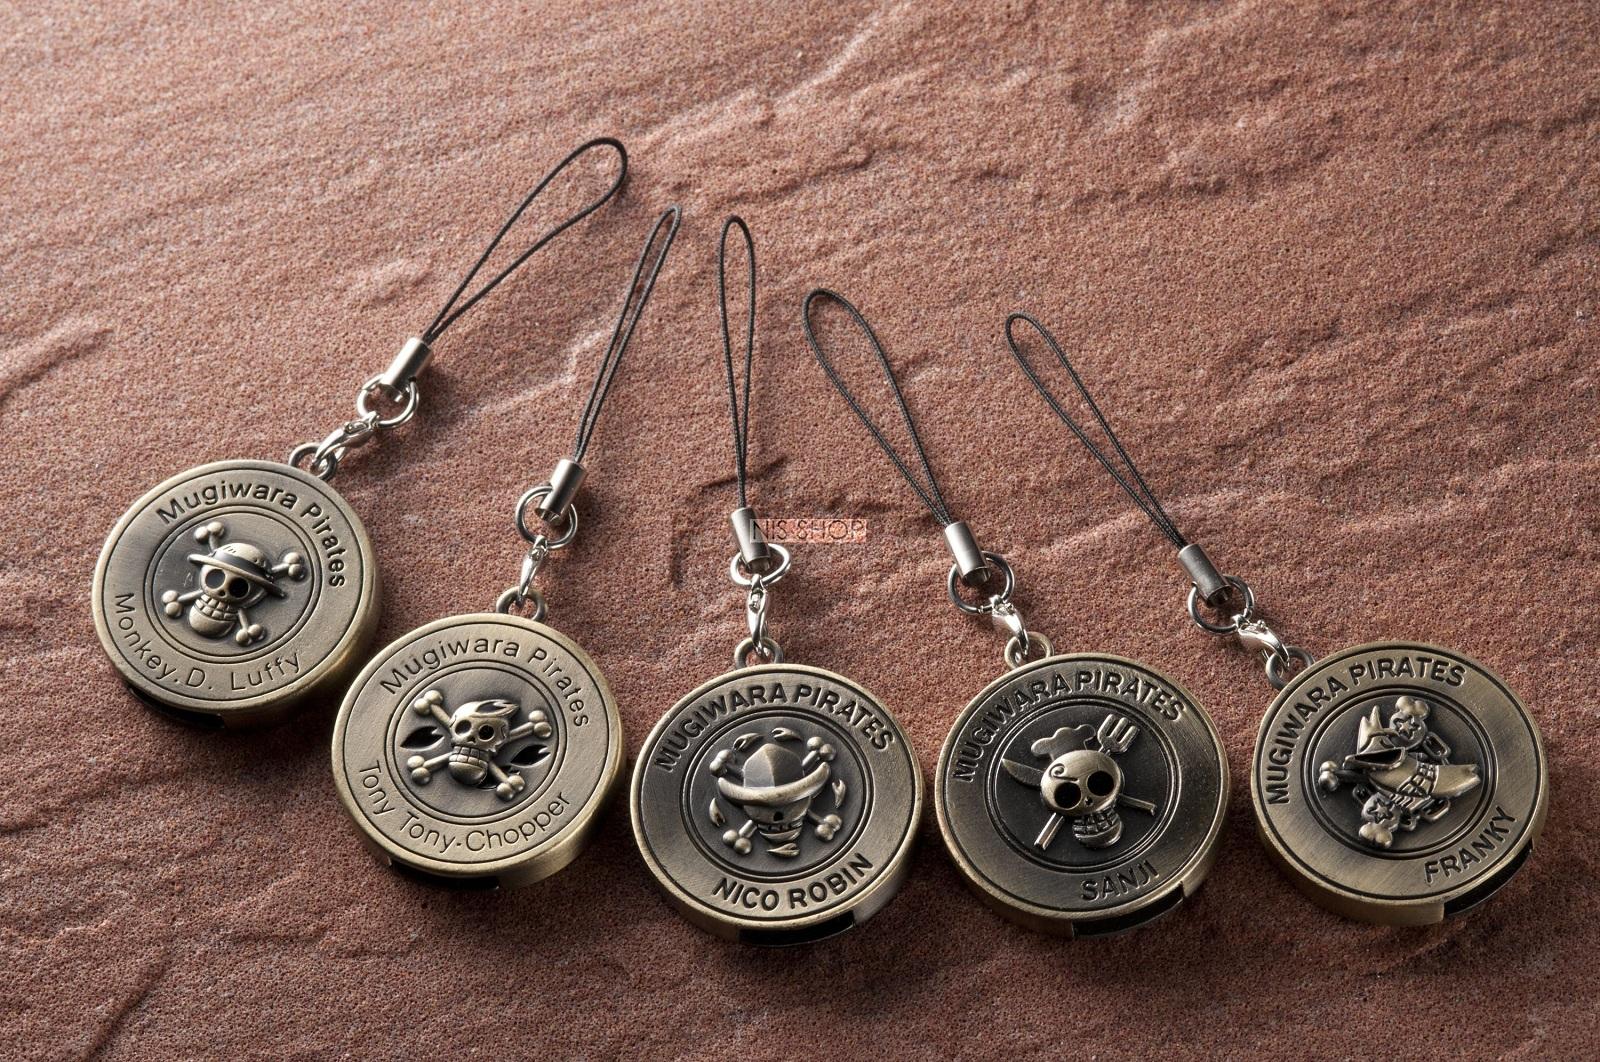 ONE PIECE(ワンピース)コイン型キーホルダーUSBメモリー2G付5種類セットA【ルフィ・チョッパー・ロビン】【サンジ・フランキー】【在庫限り】【20P03Dec16】